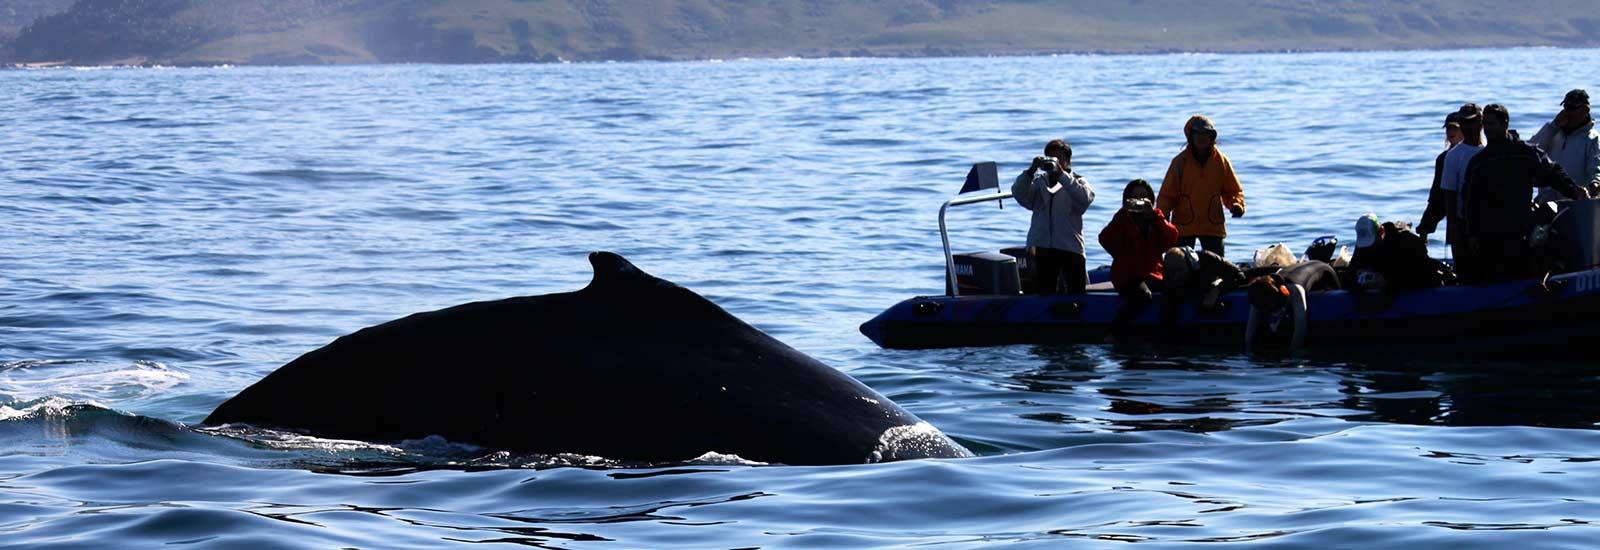 h-whales-migration